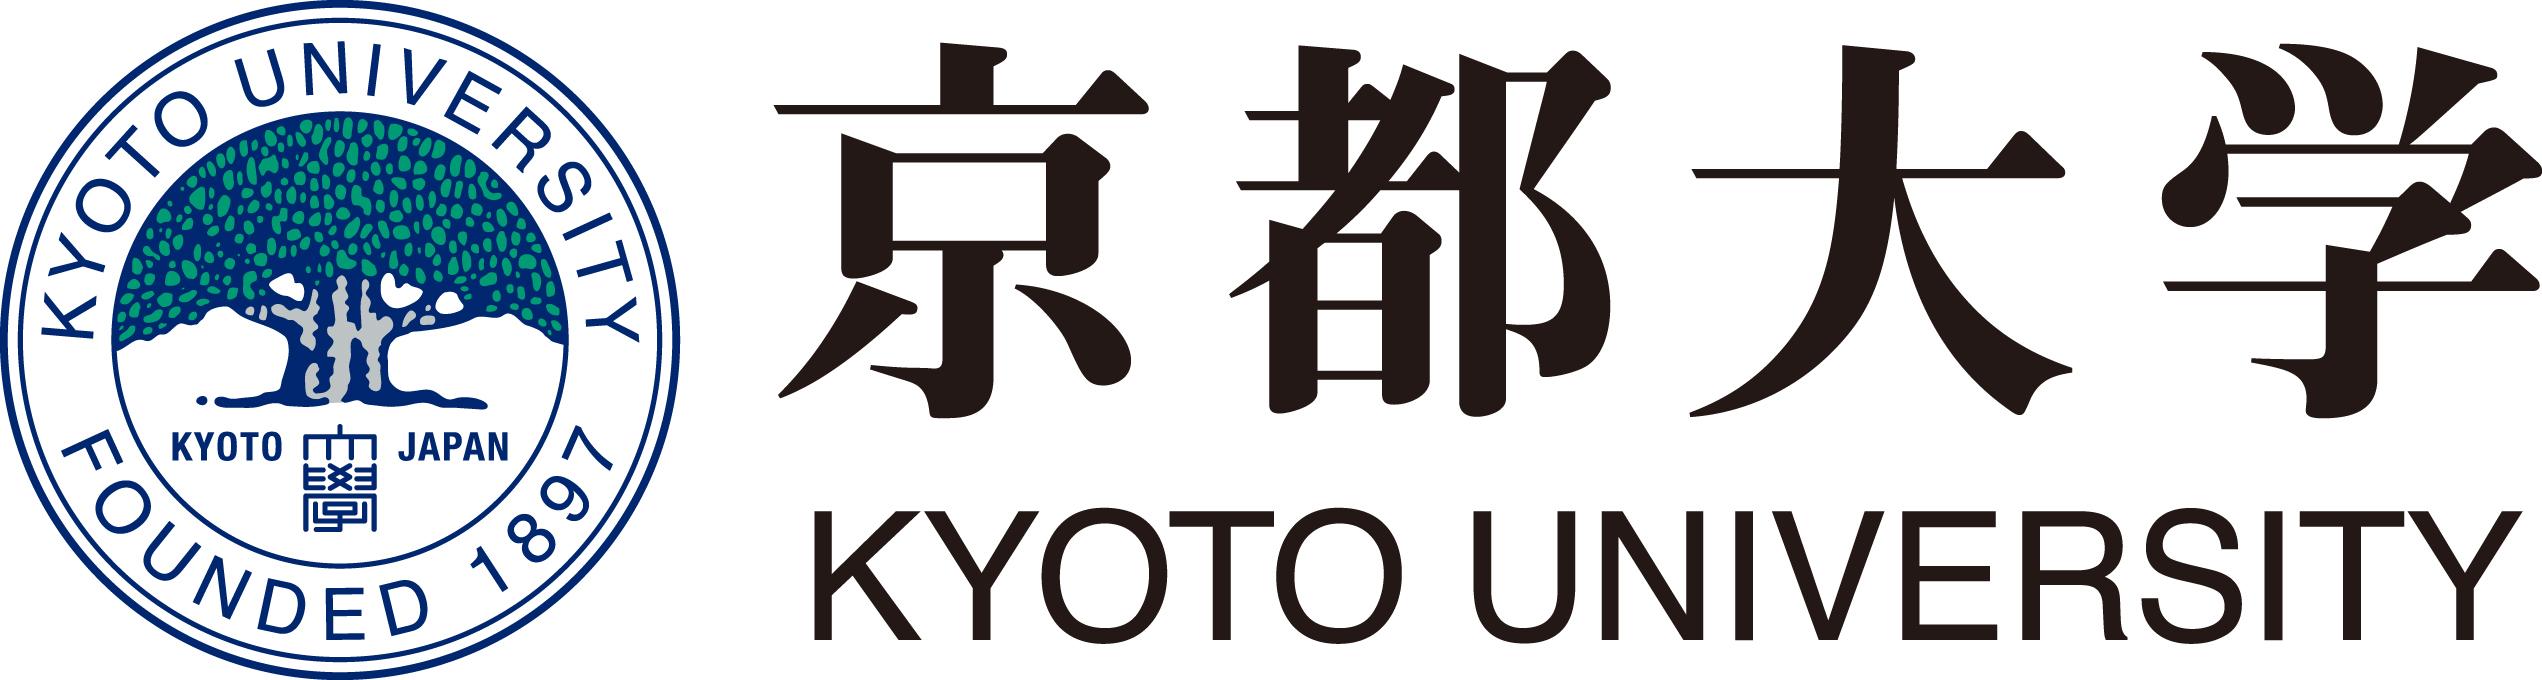 logo of Kyoto University